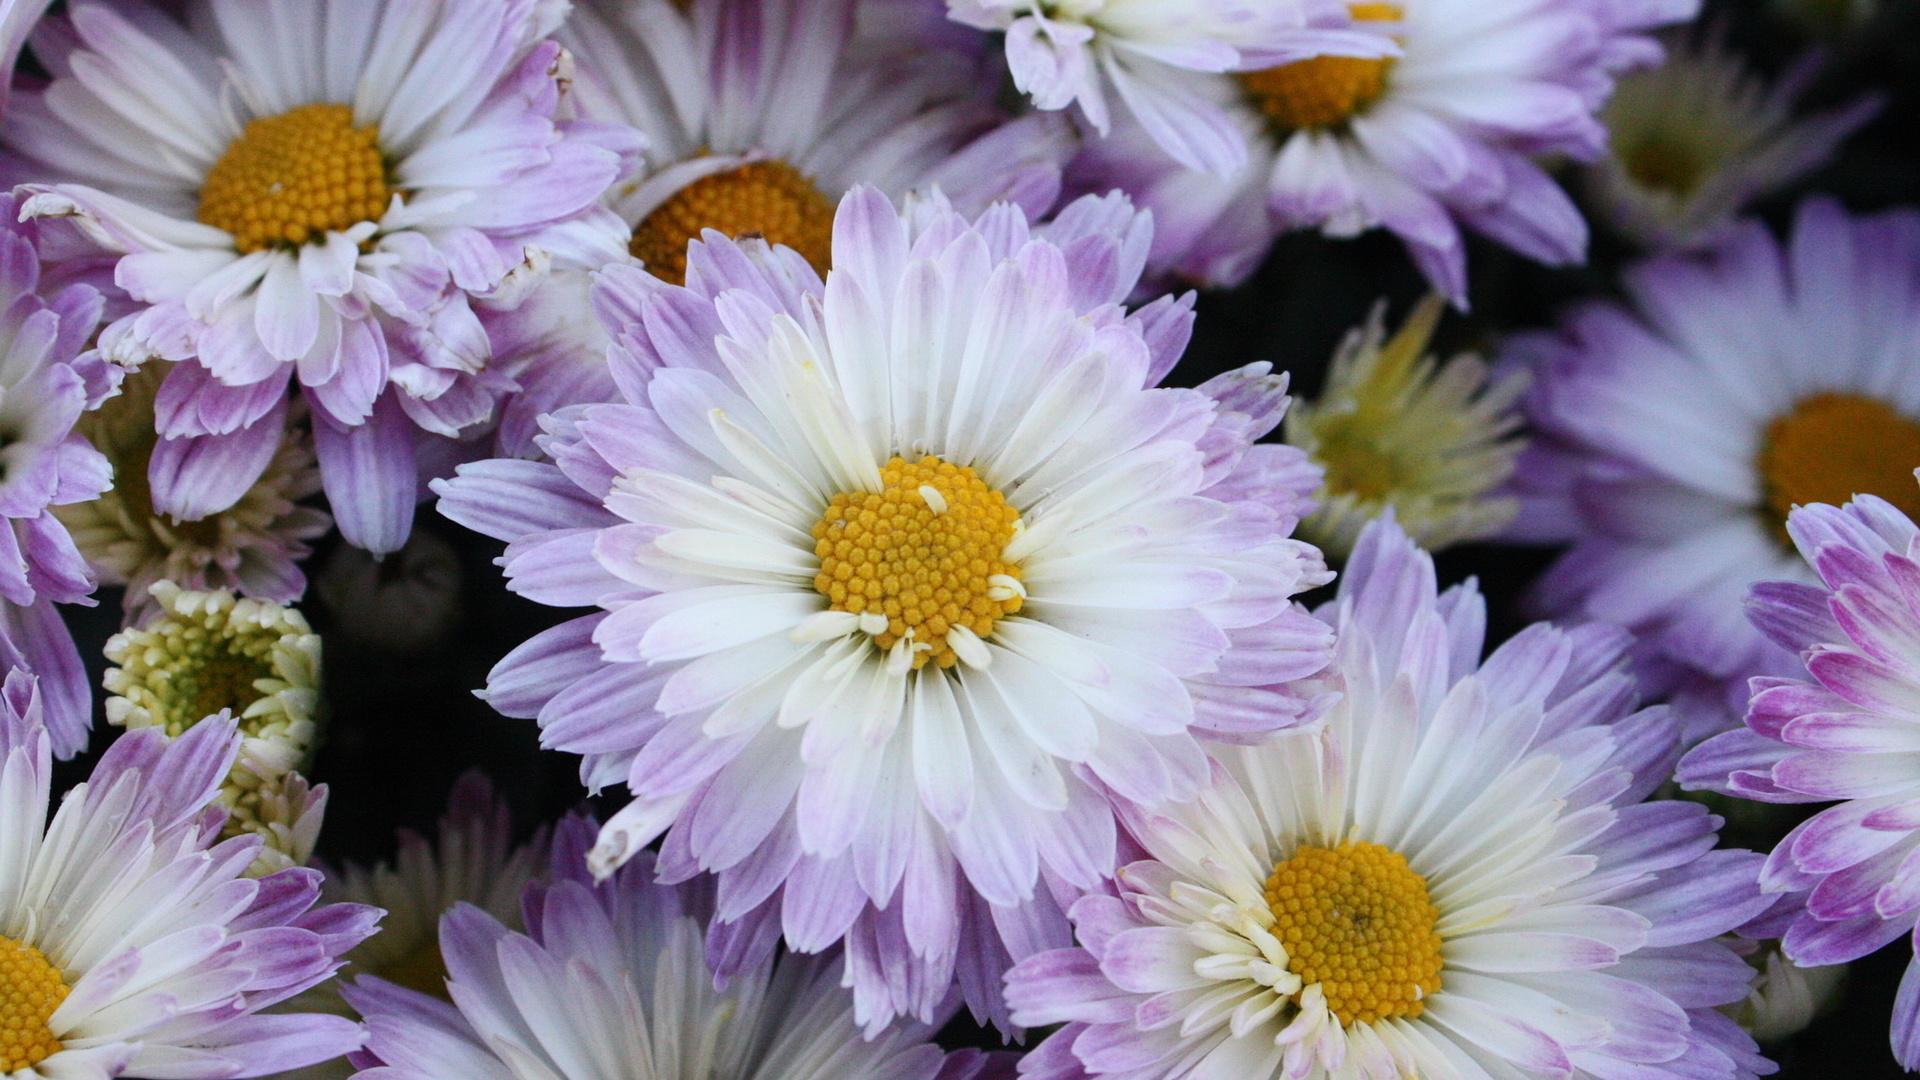 Обои на рабочий стол хризантемы красивые 2